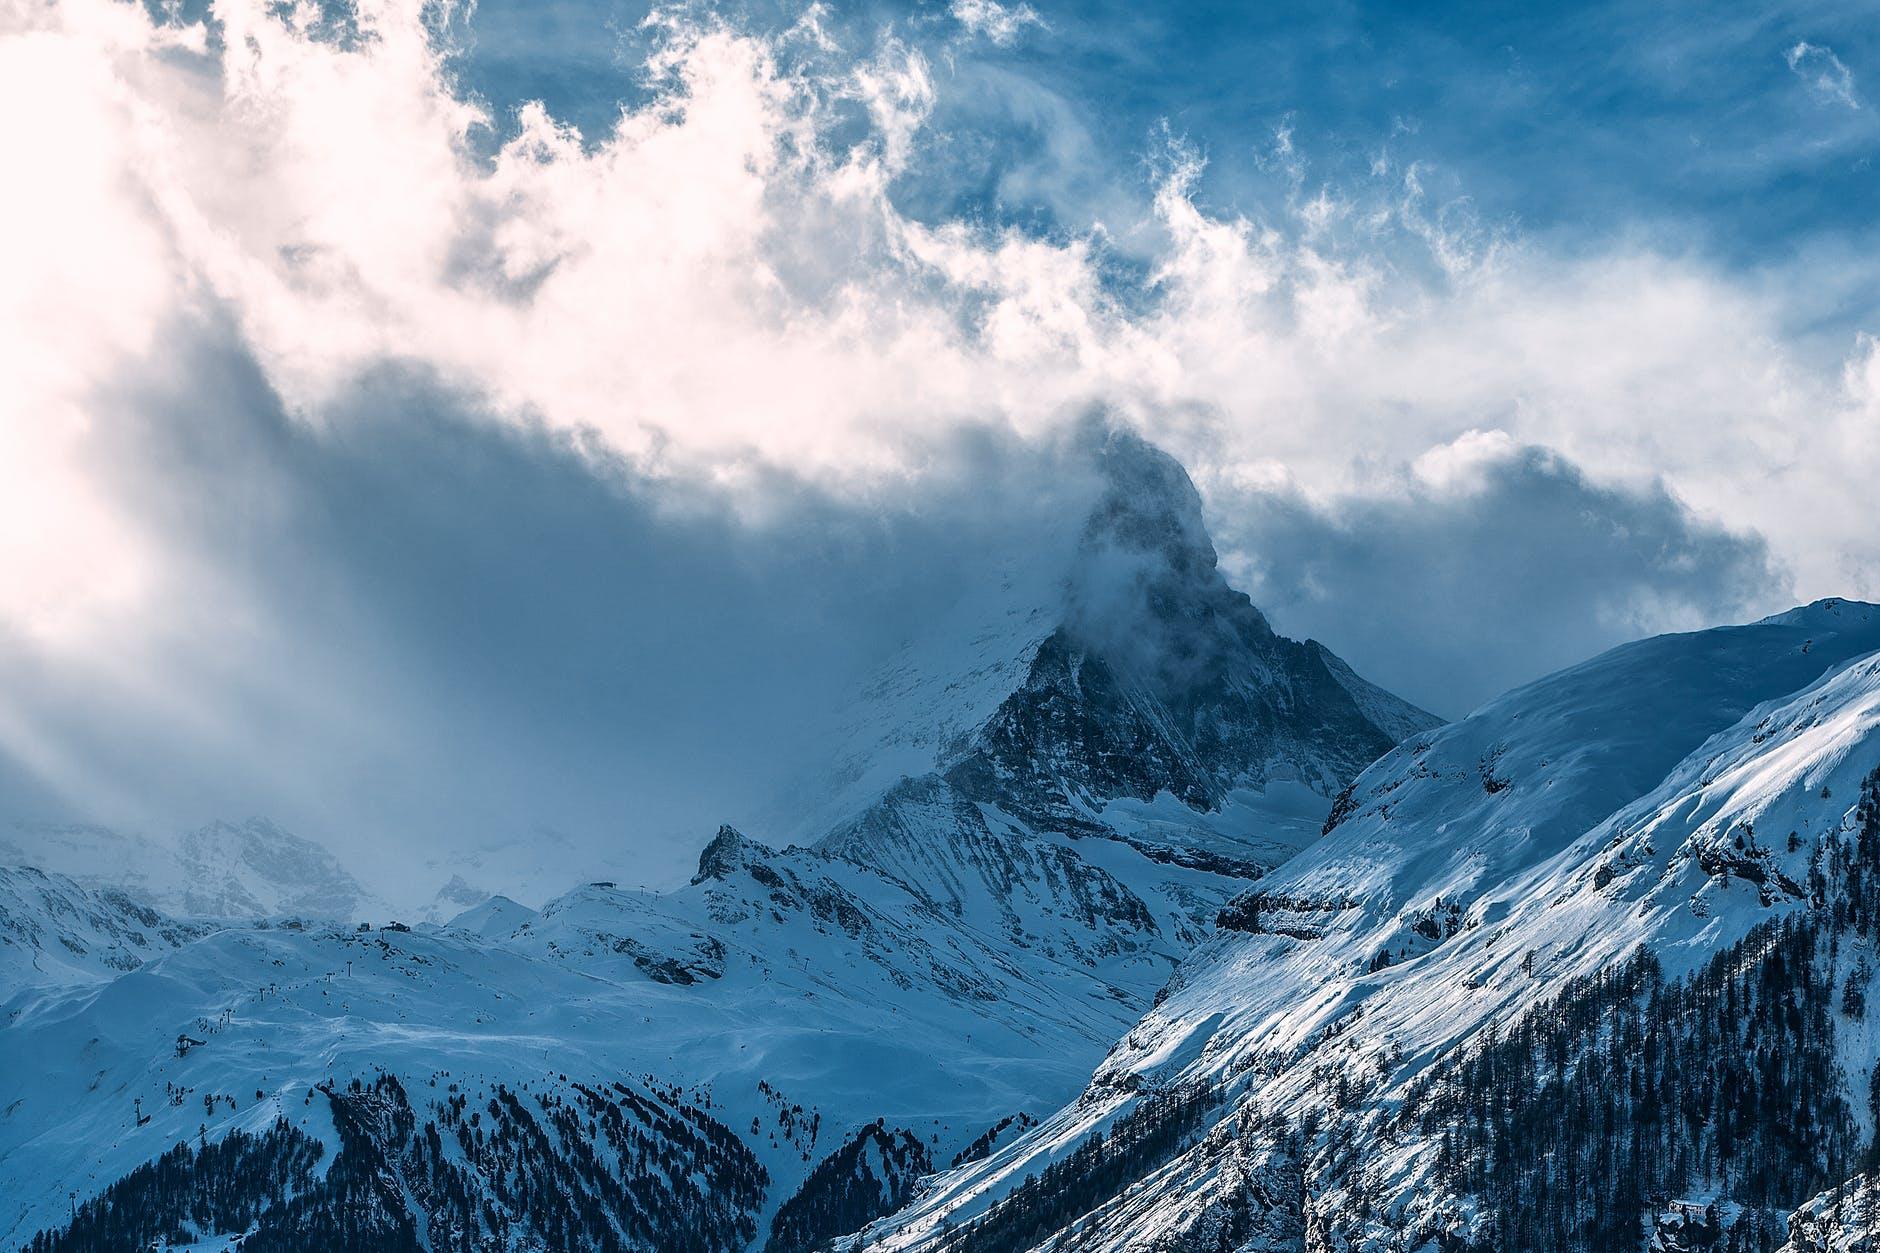 snowy mountain peaks under cloudy sky in sunlight